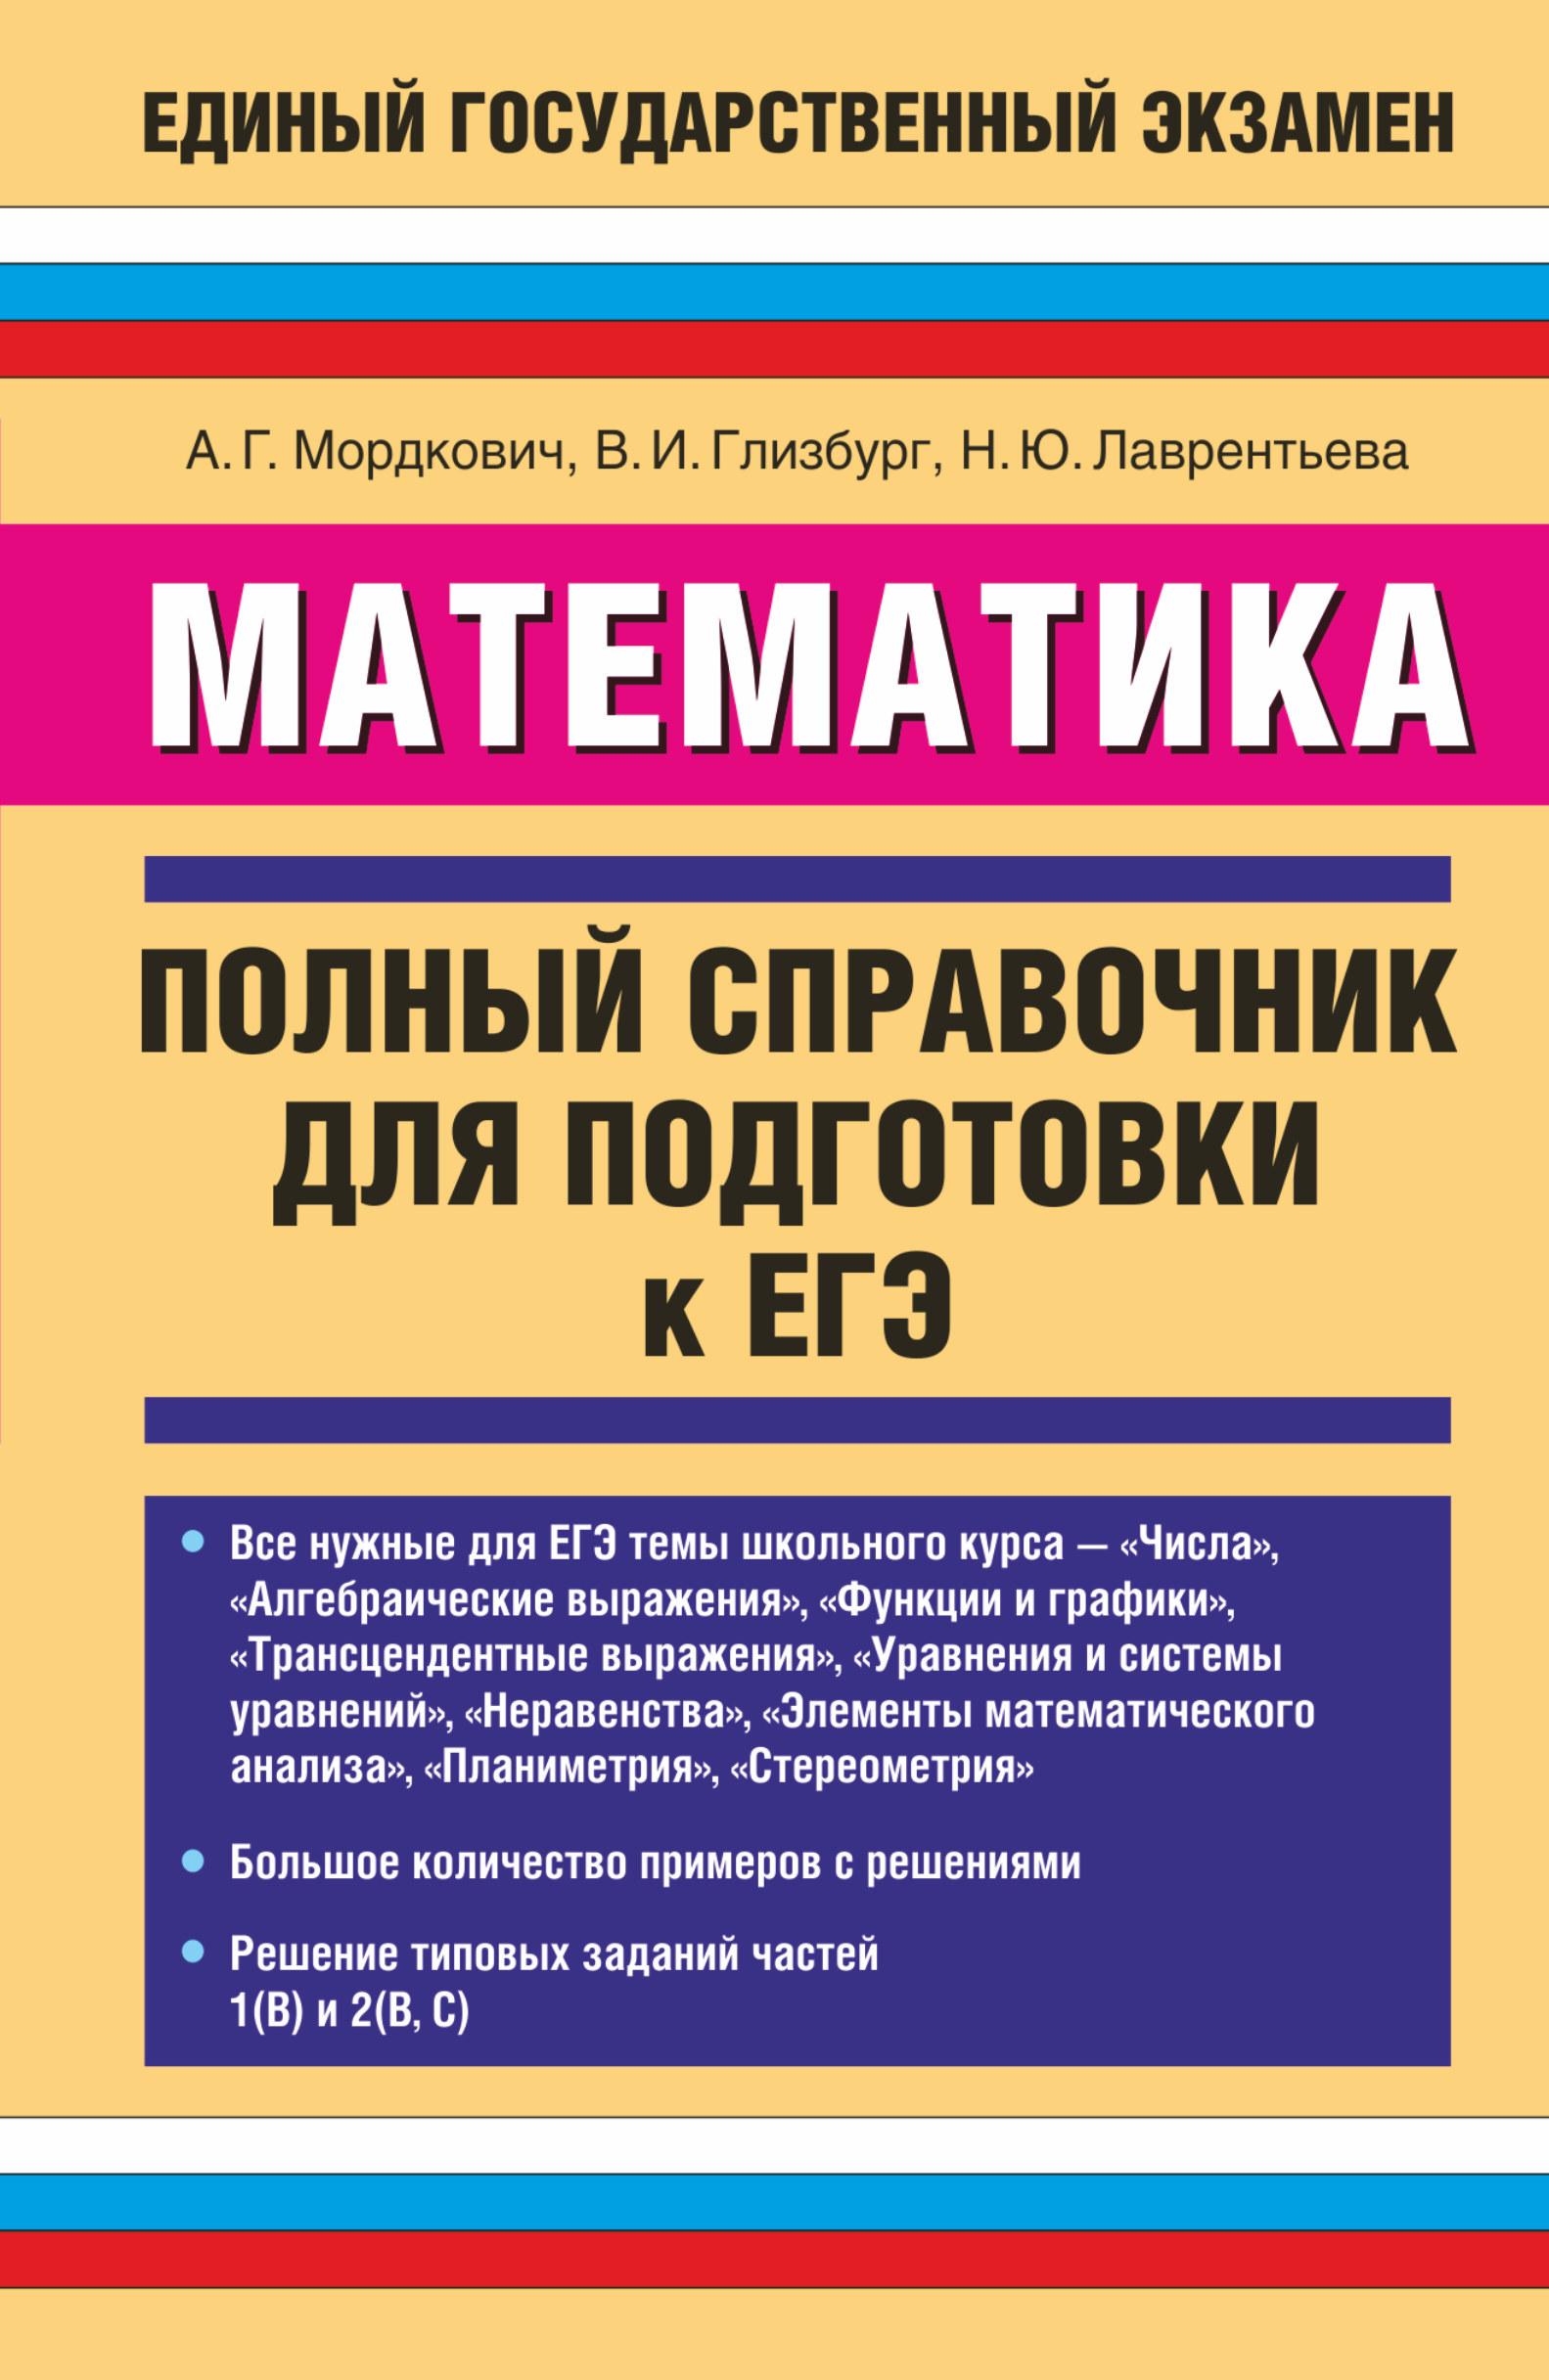 ЕГЭ Математика. Полный справочник для подготовки к ЕГЭ ( Мордкович А.Г.  )